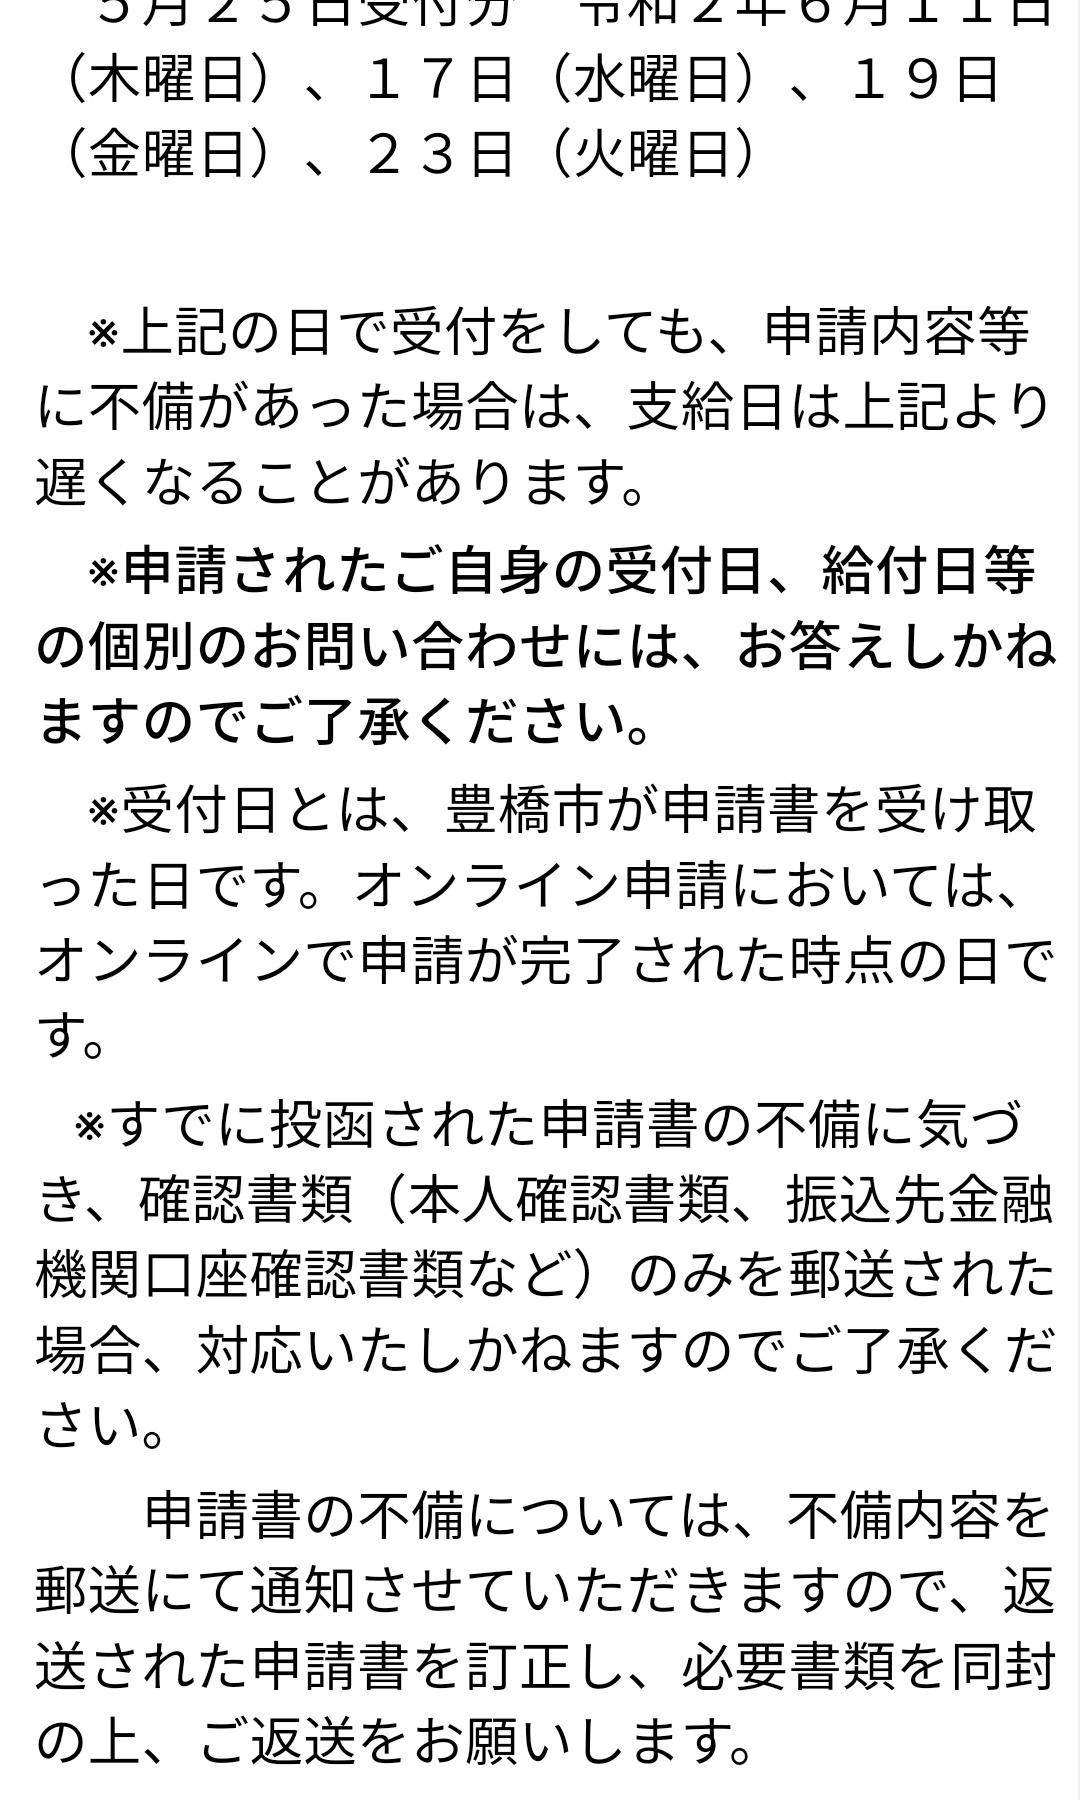 200529_Scr200529_02